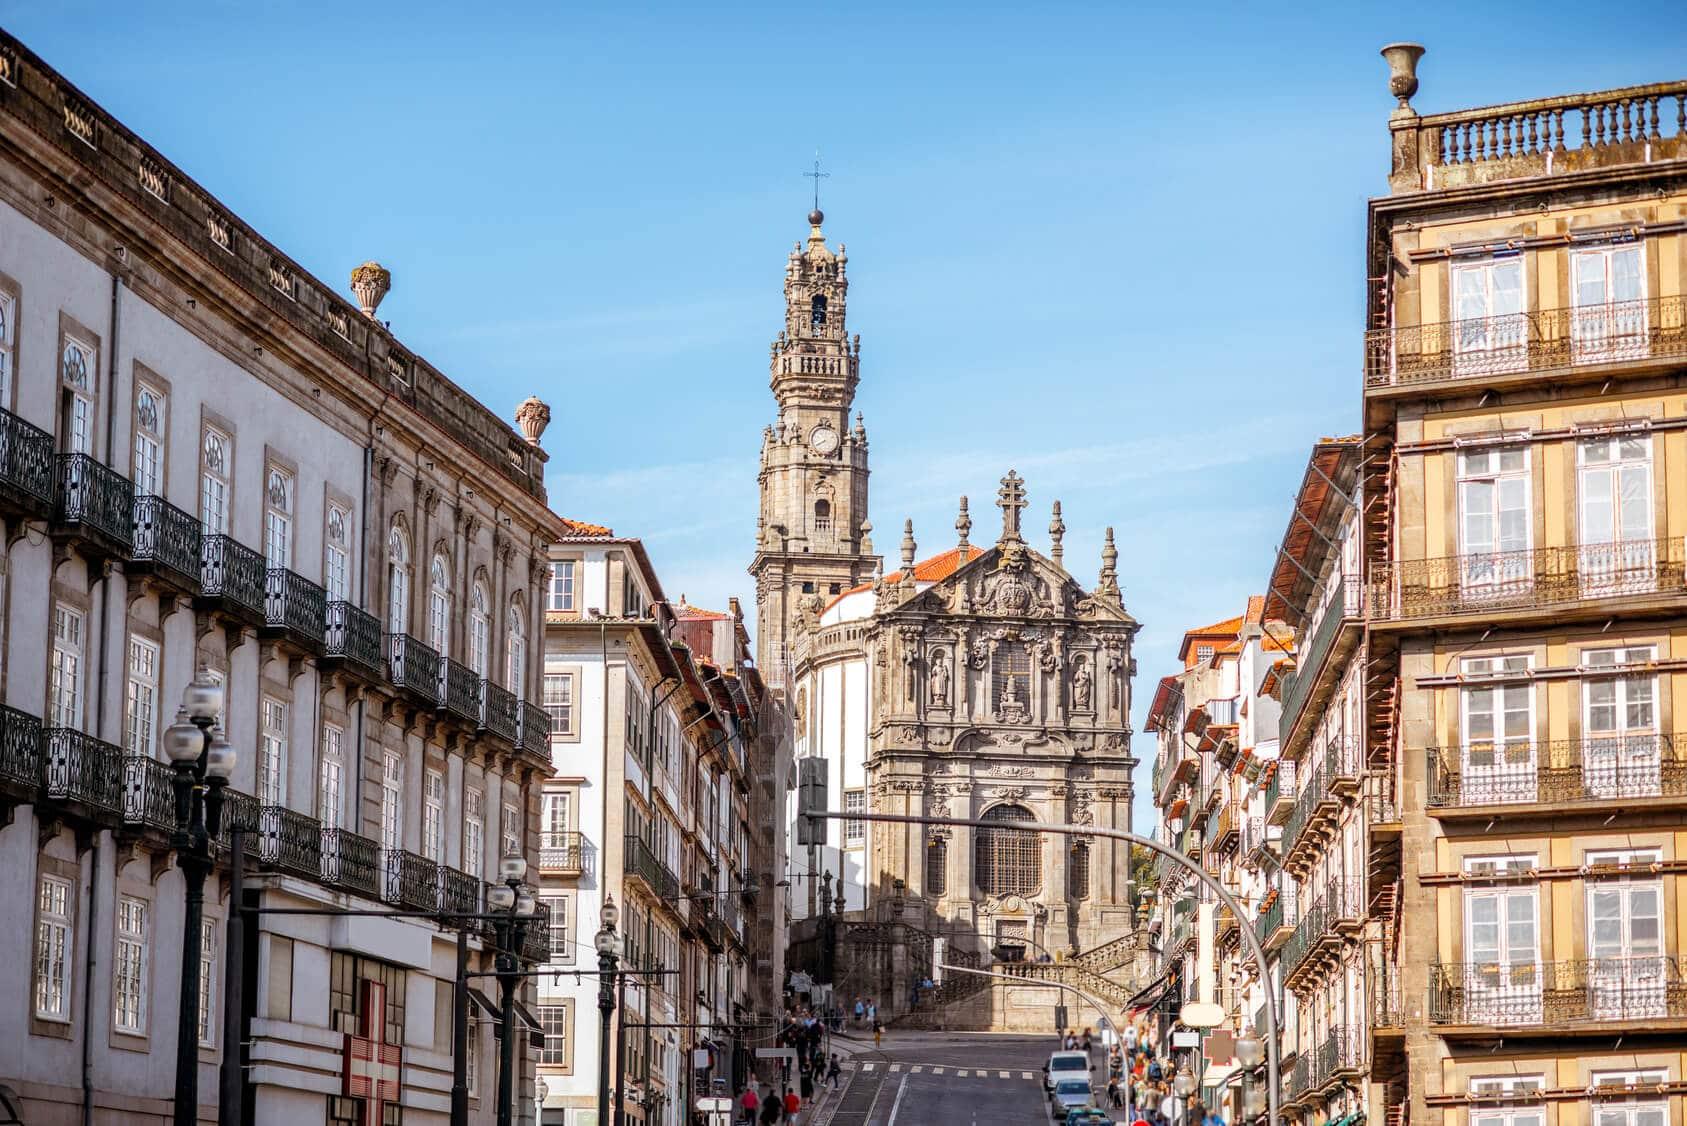 Visitas Guiadas Porto - Ruas do Porto